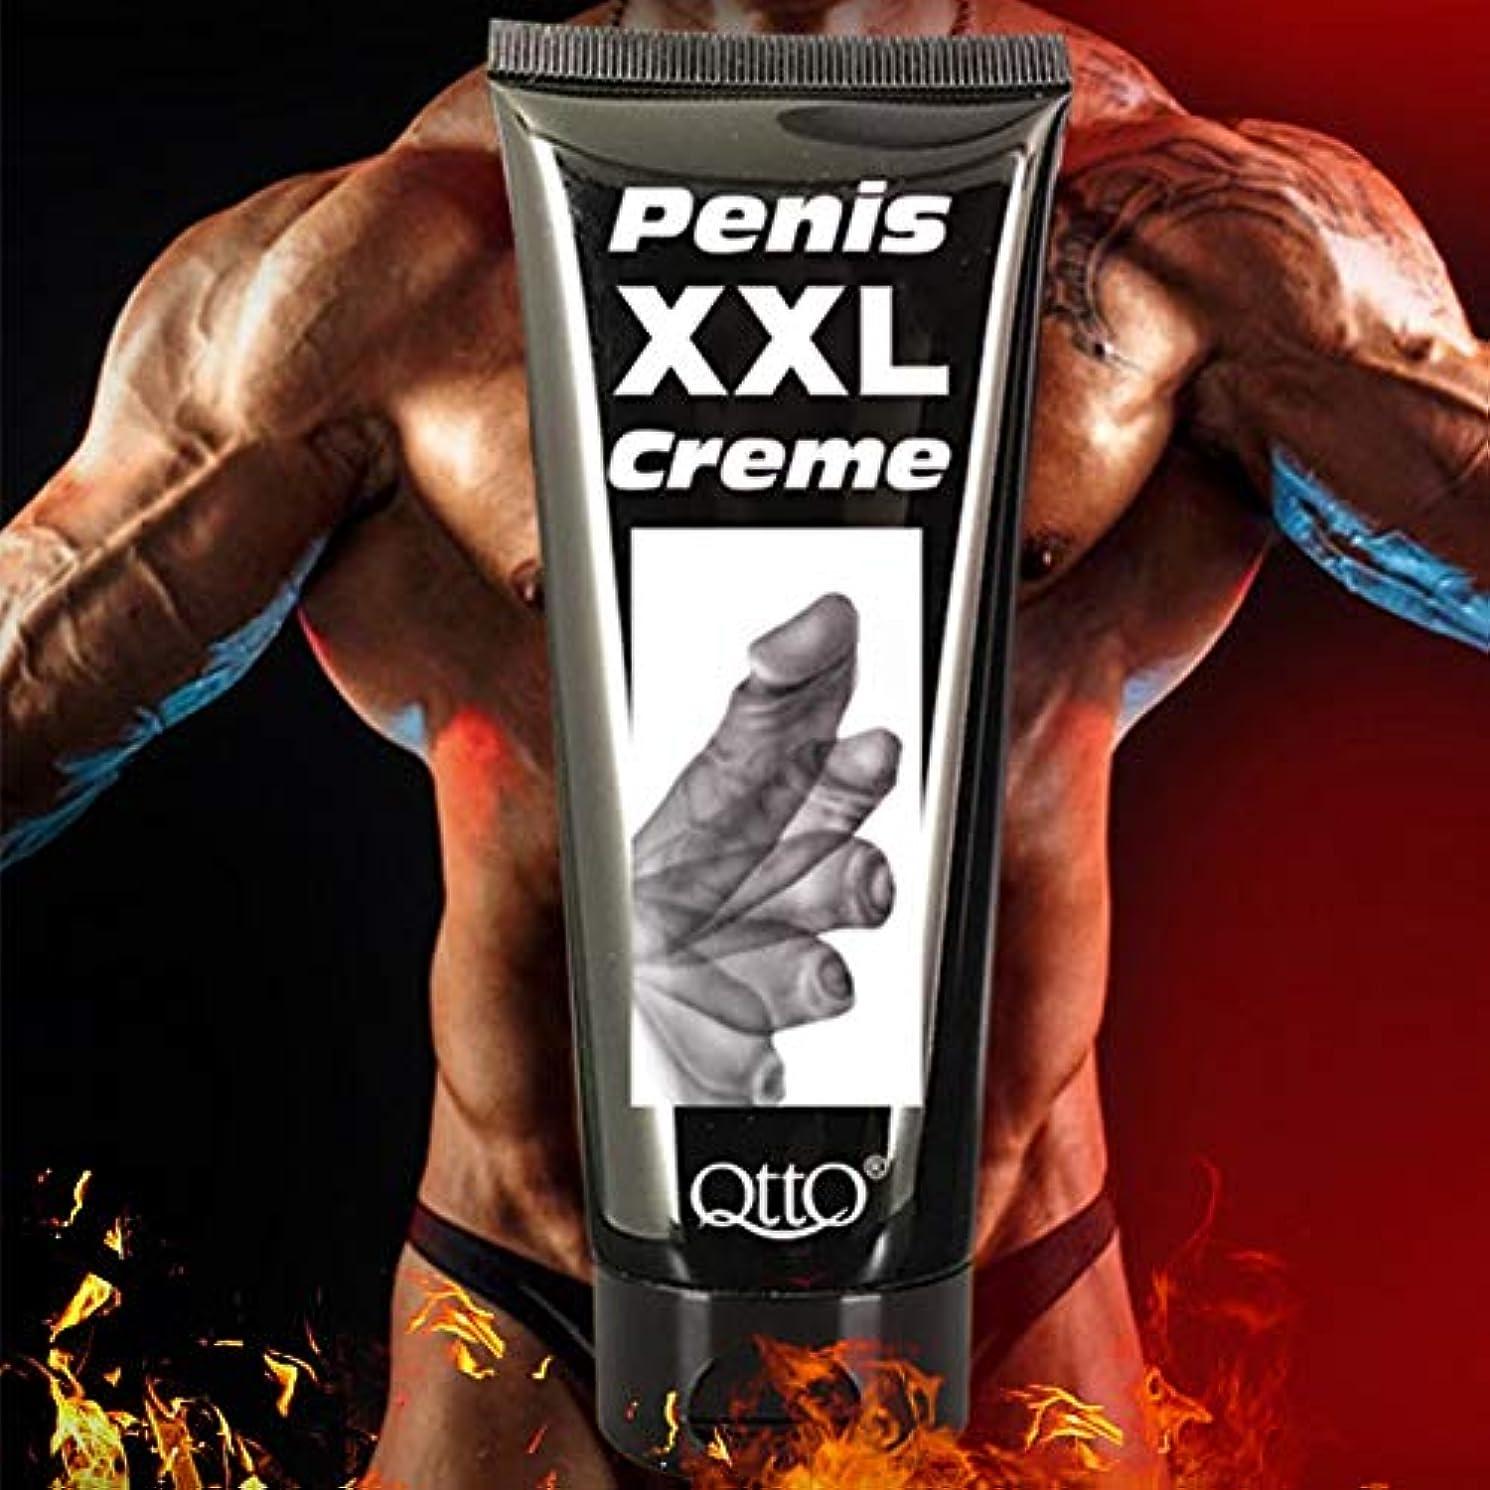 損失ファンブル司書Balai 男性用 ペニス拡大 クリームビッグディック 濃厚化成長強化パフォーマンス セックス製品